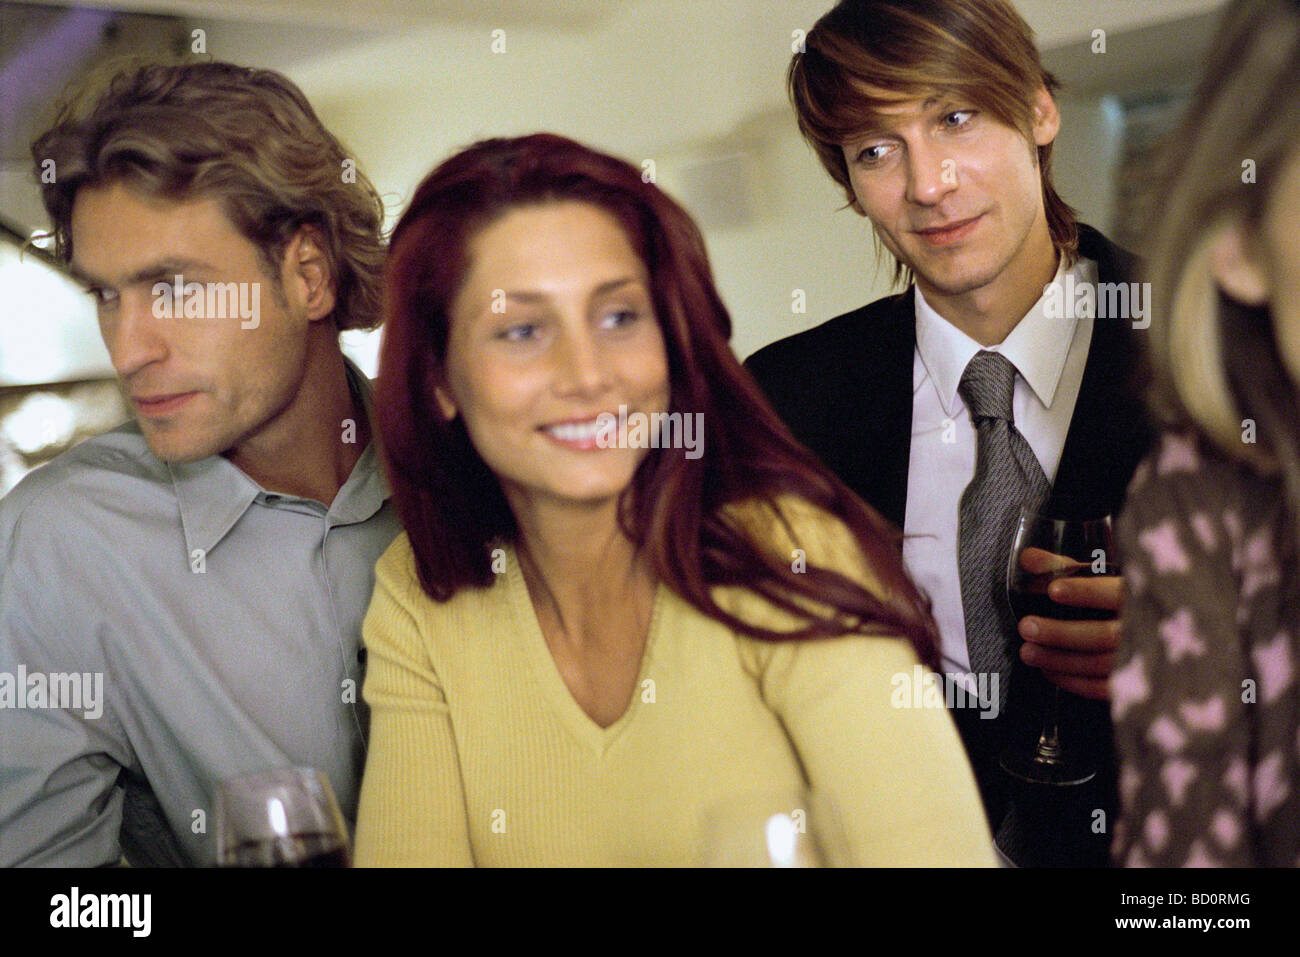 Young man watching woman at bar - Stock Image